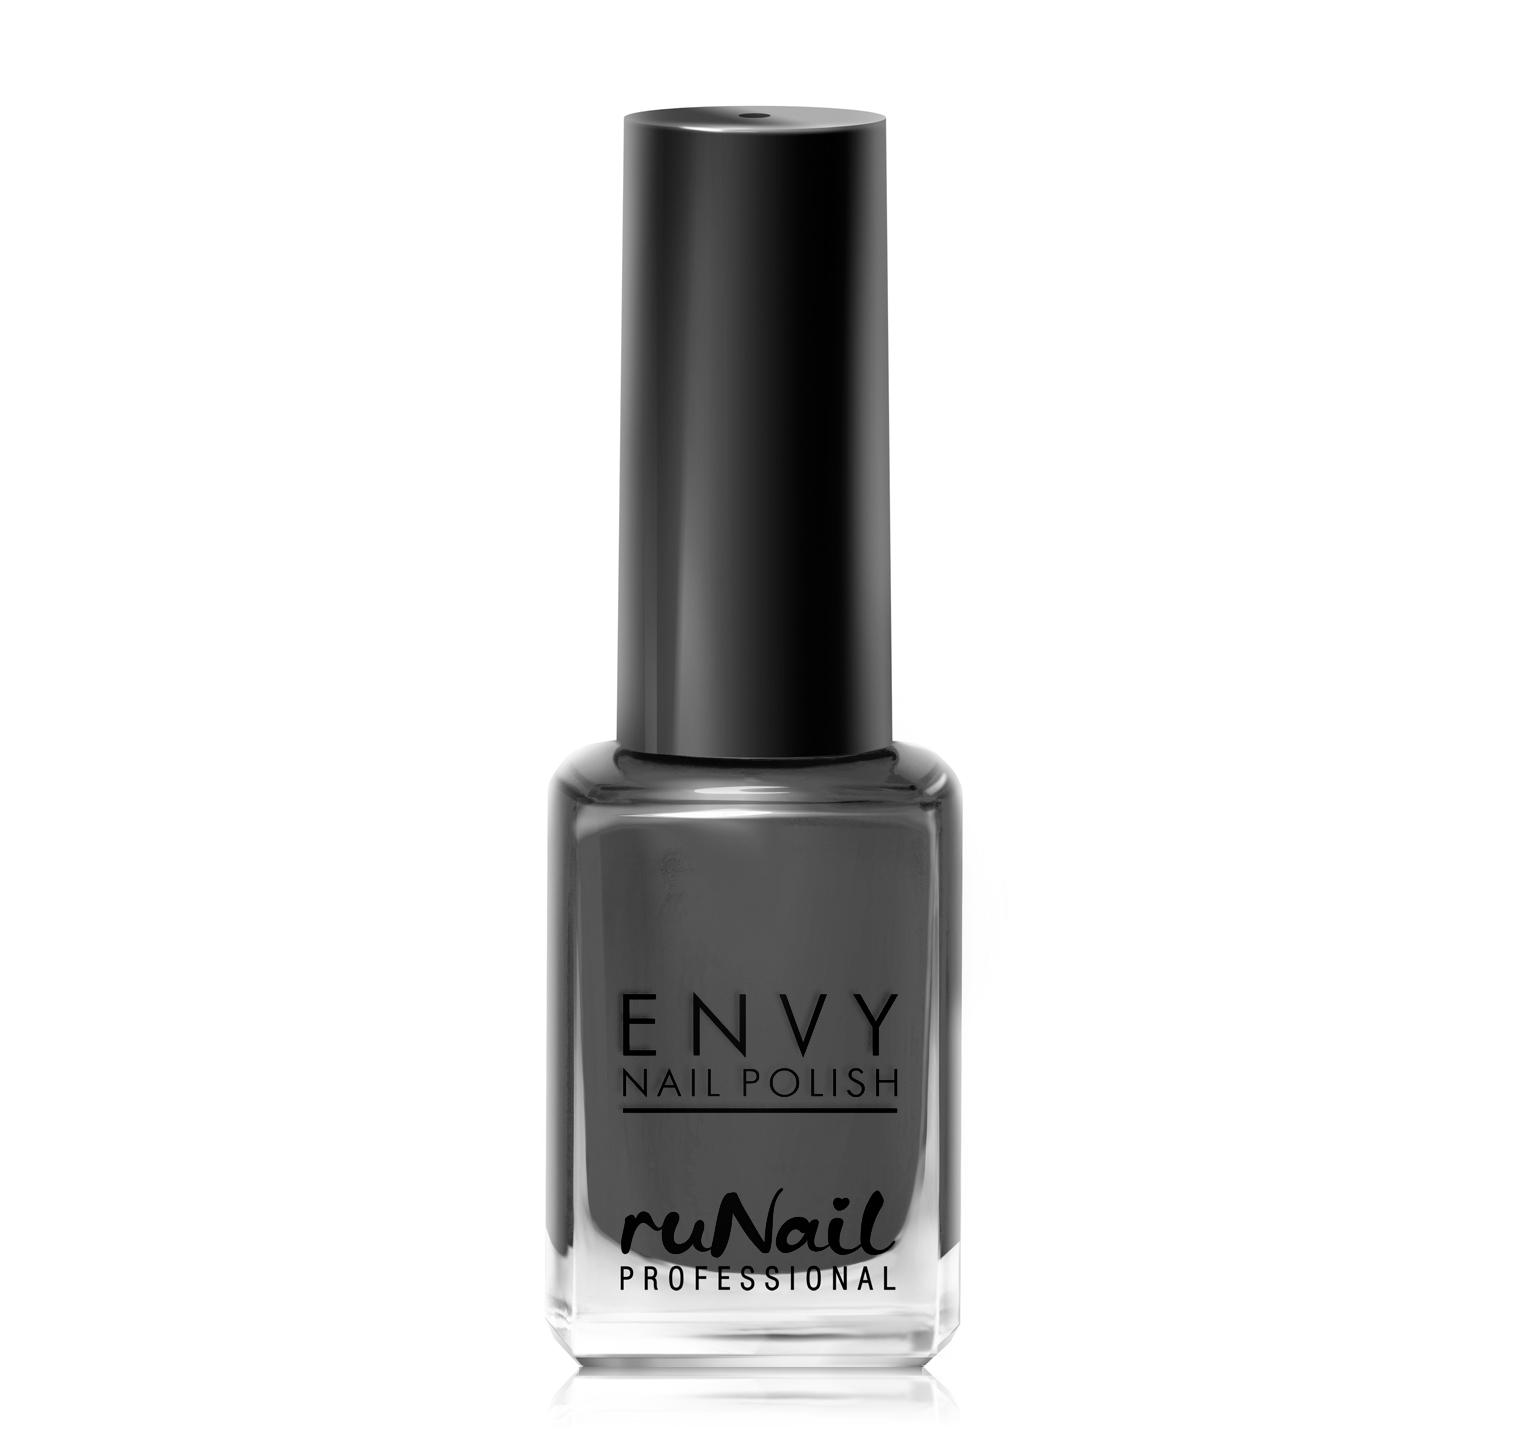 Лак для ногтей Envy, 12 мл, №1561, цвет: Восточная халва №1561